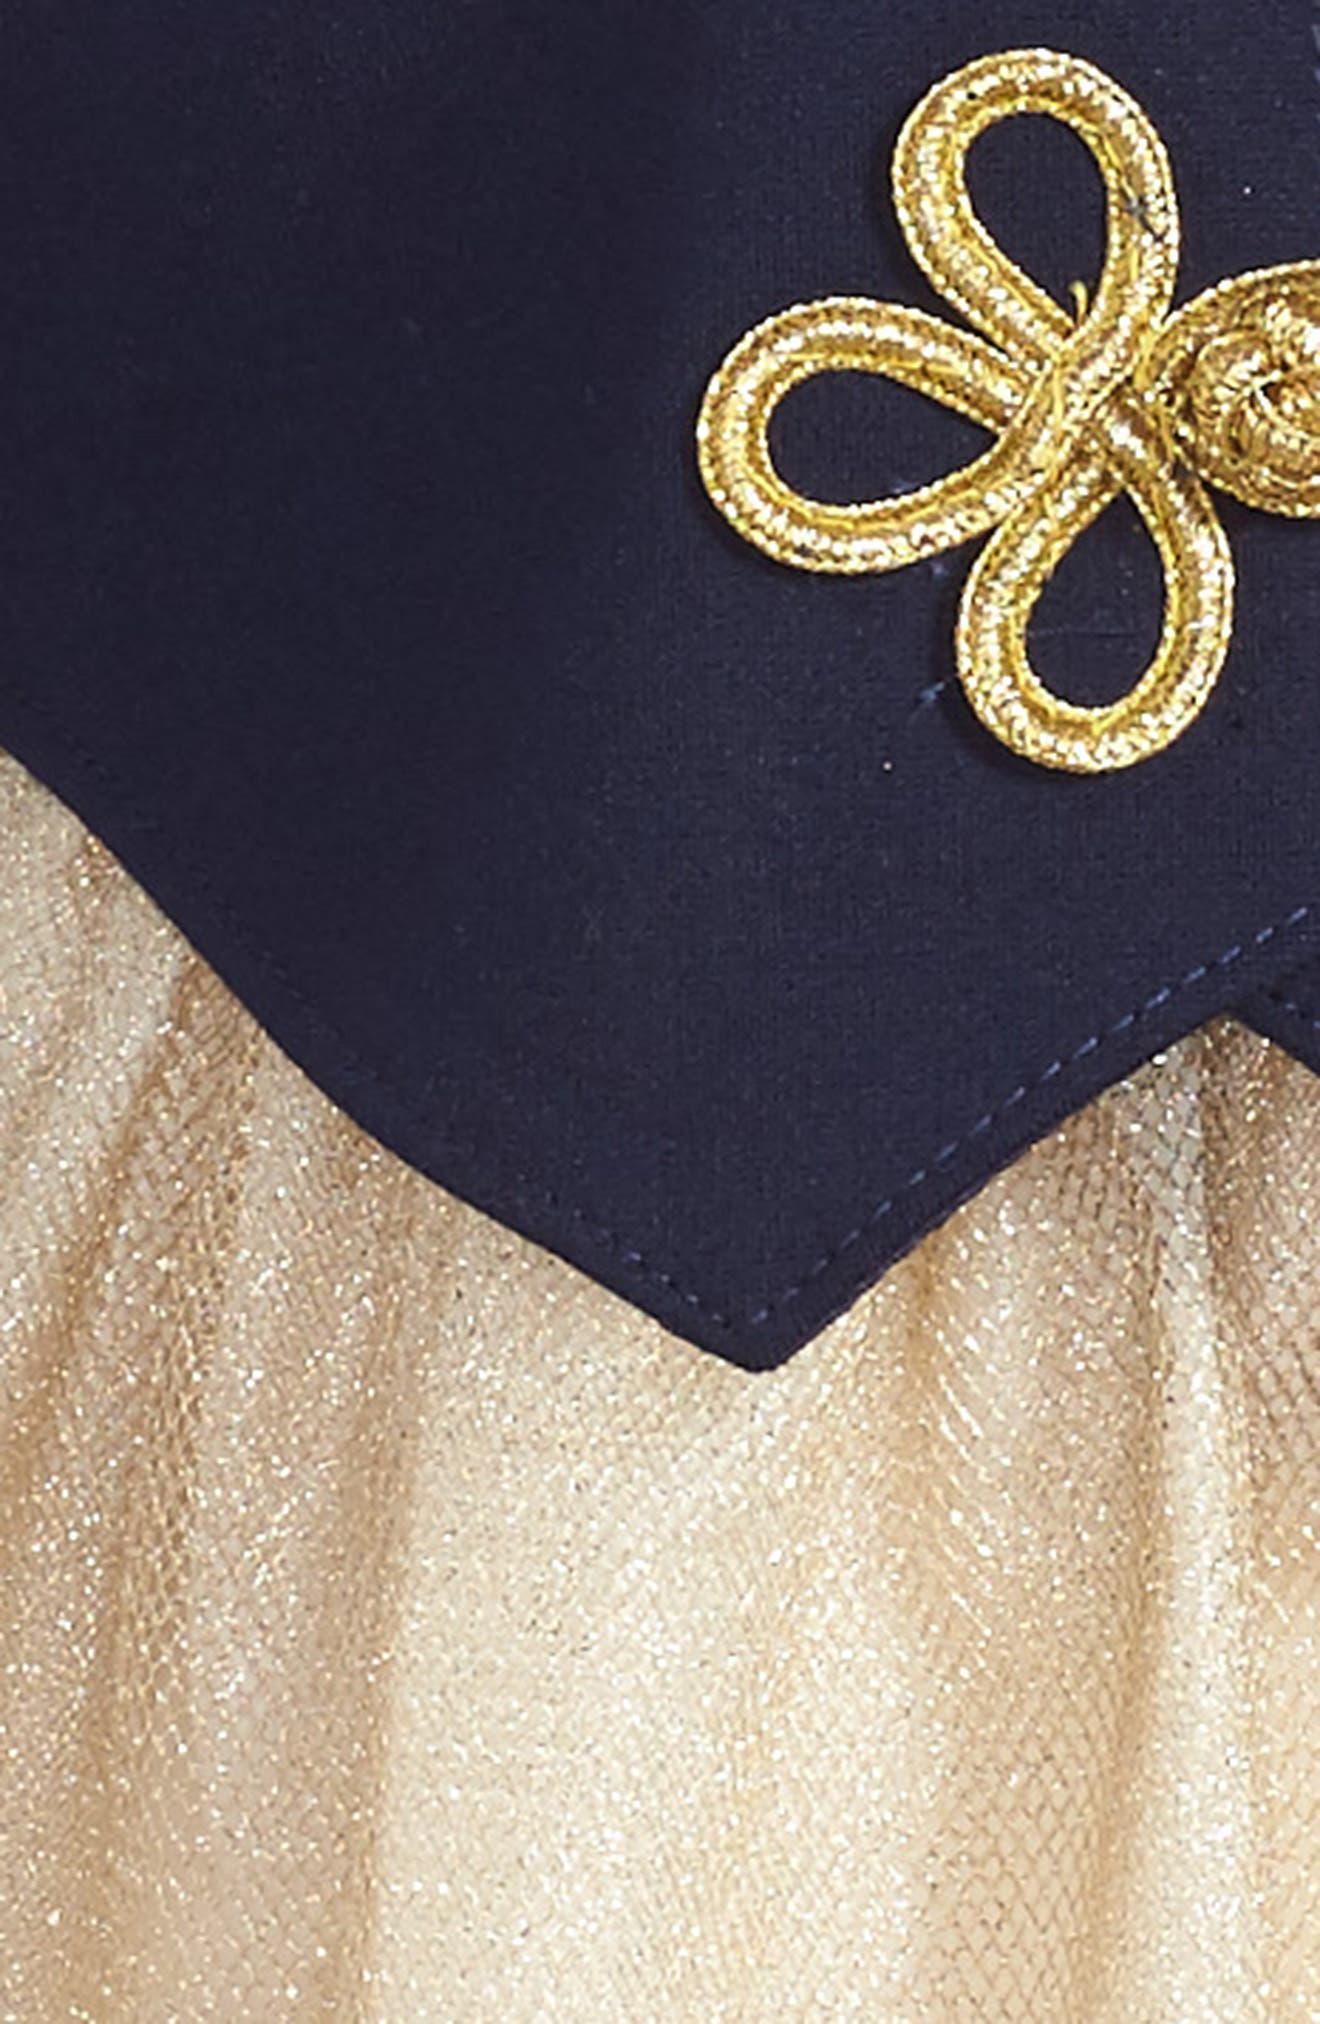 Majorette Jacket & Tank Dress Set,                             Alternate thumbnail 3, color,                             407